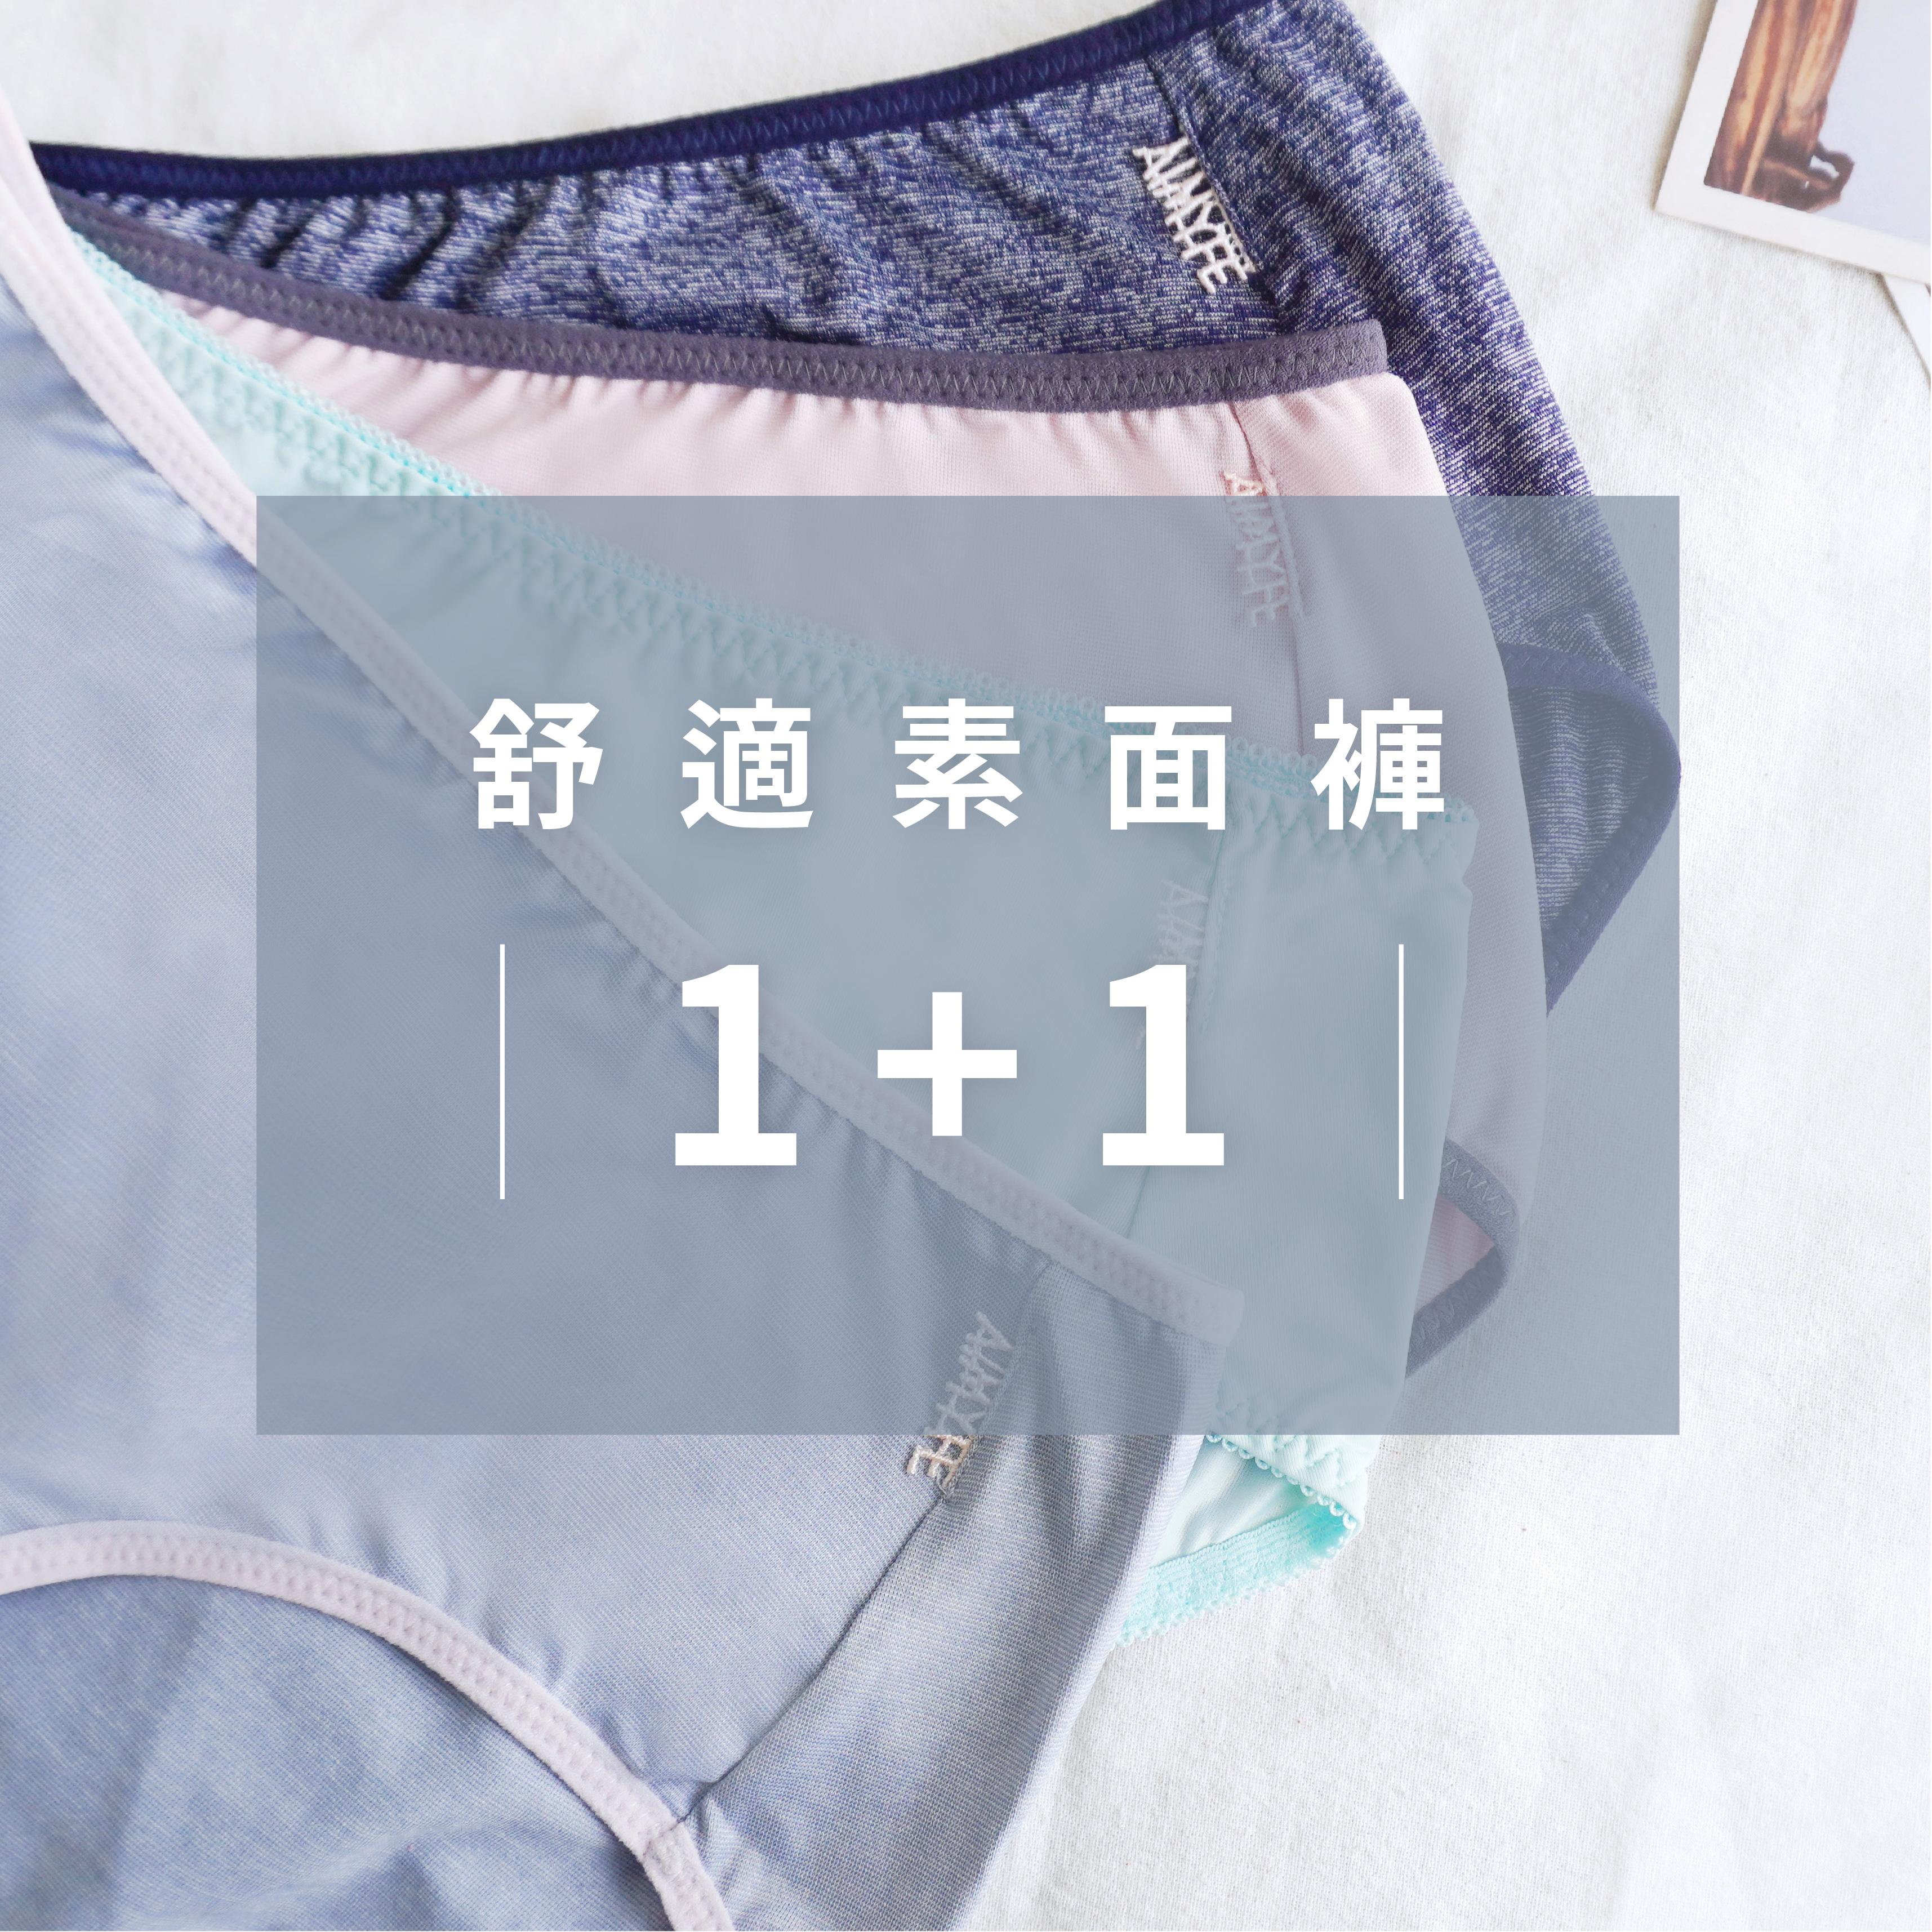 舒適素面褲  1+1=$549